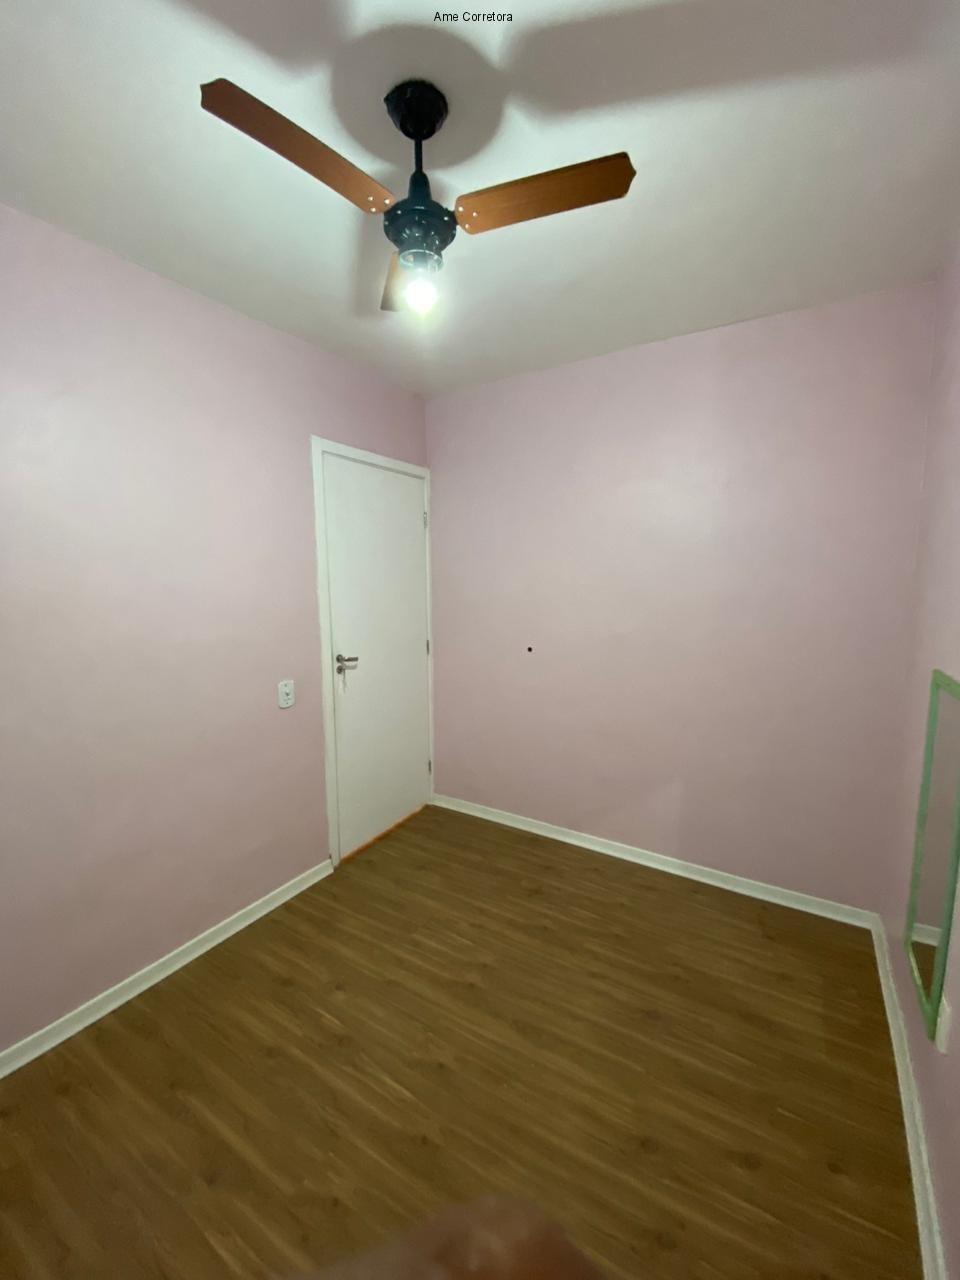 FOTO 13 - Apartamento 2 quartos à venda Rio de Janeiro,RJ - R$ 130.000 - AP00375 - 15